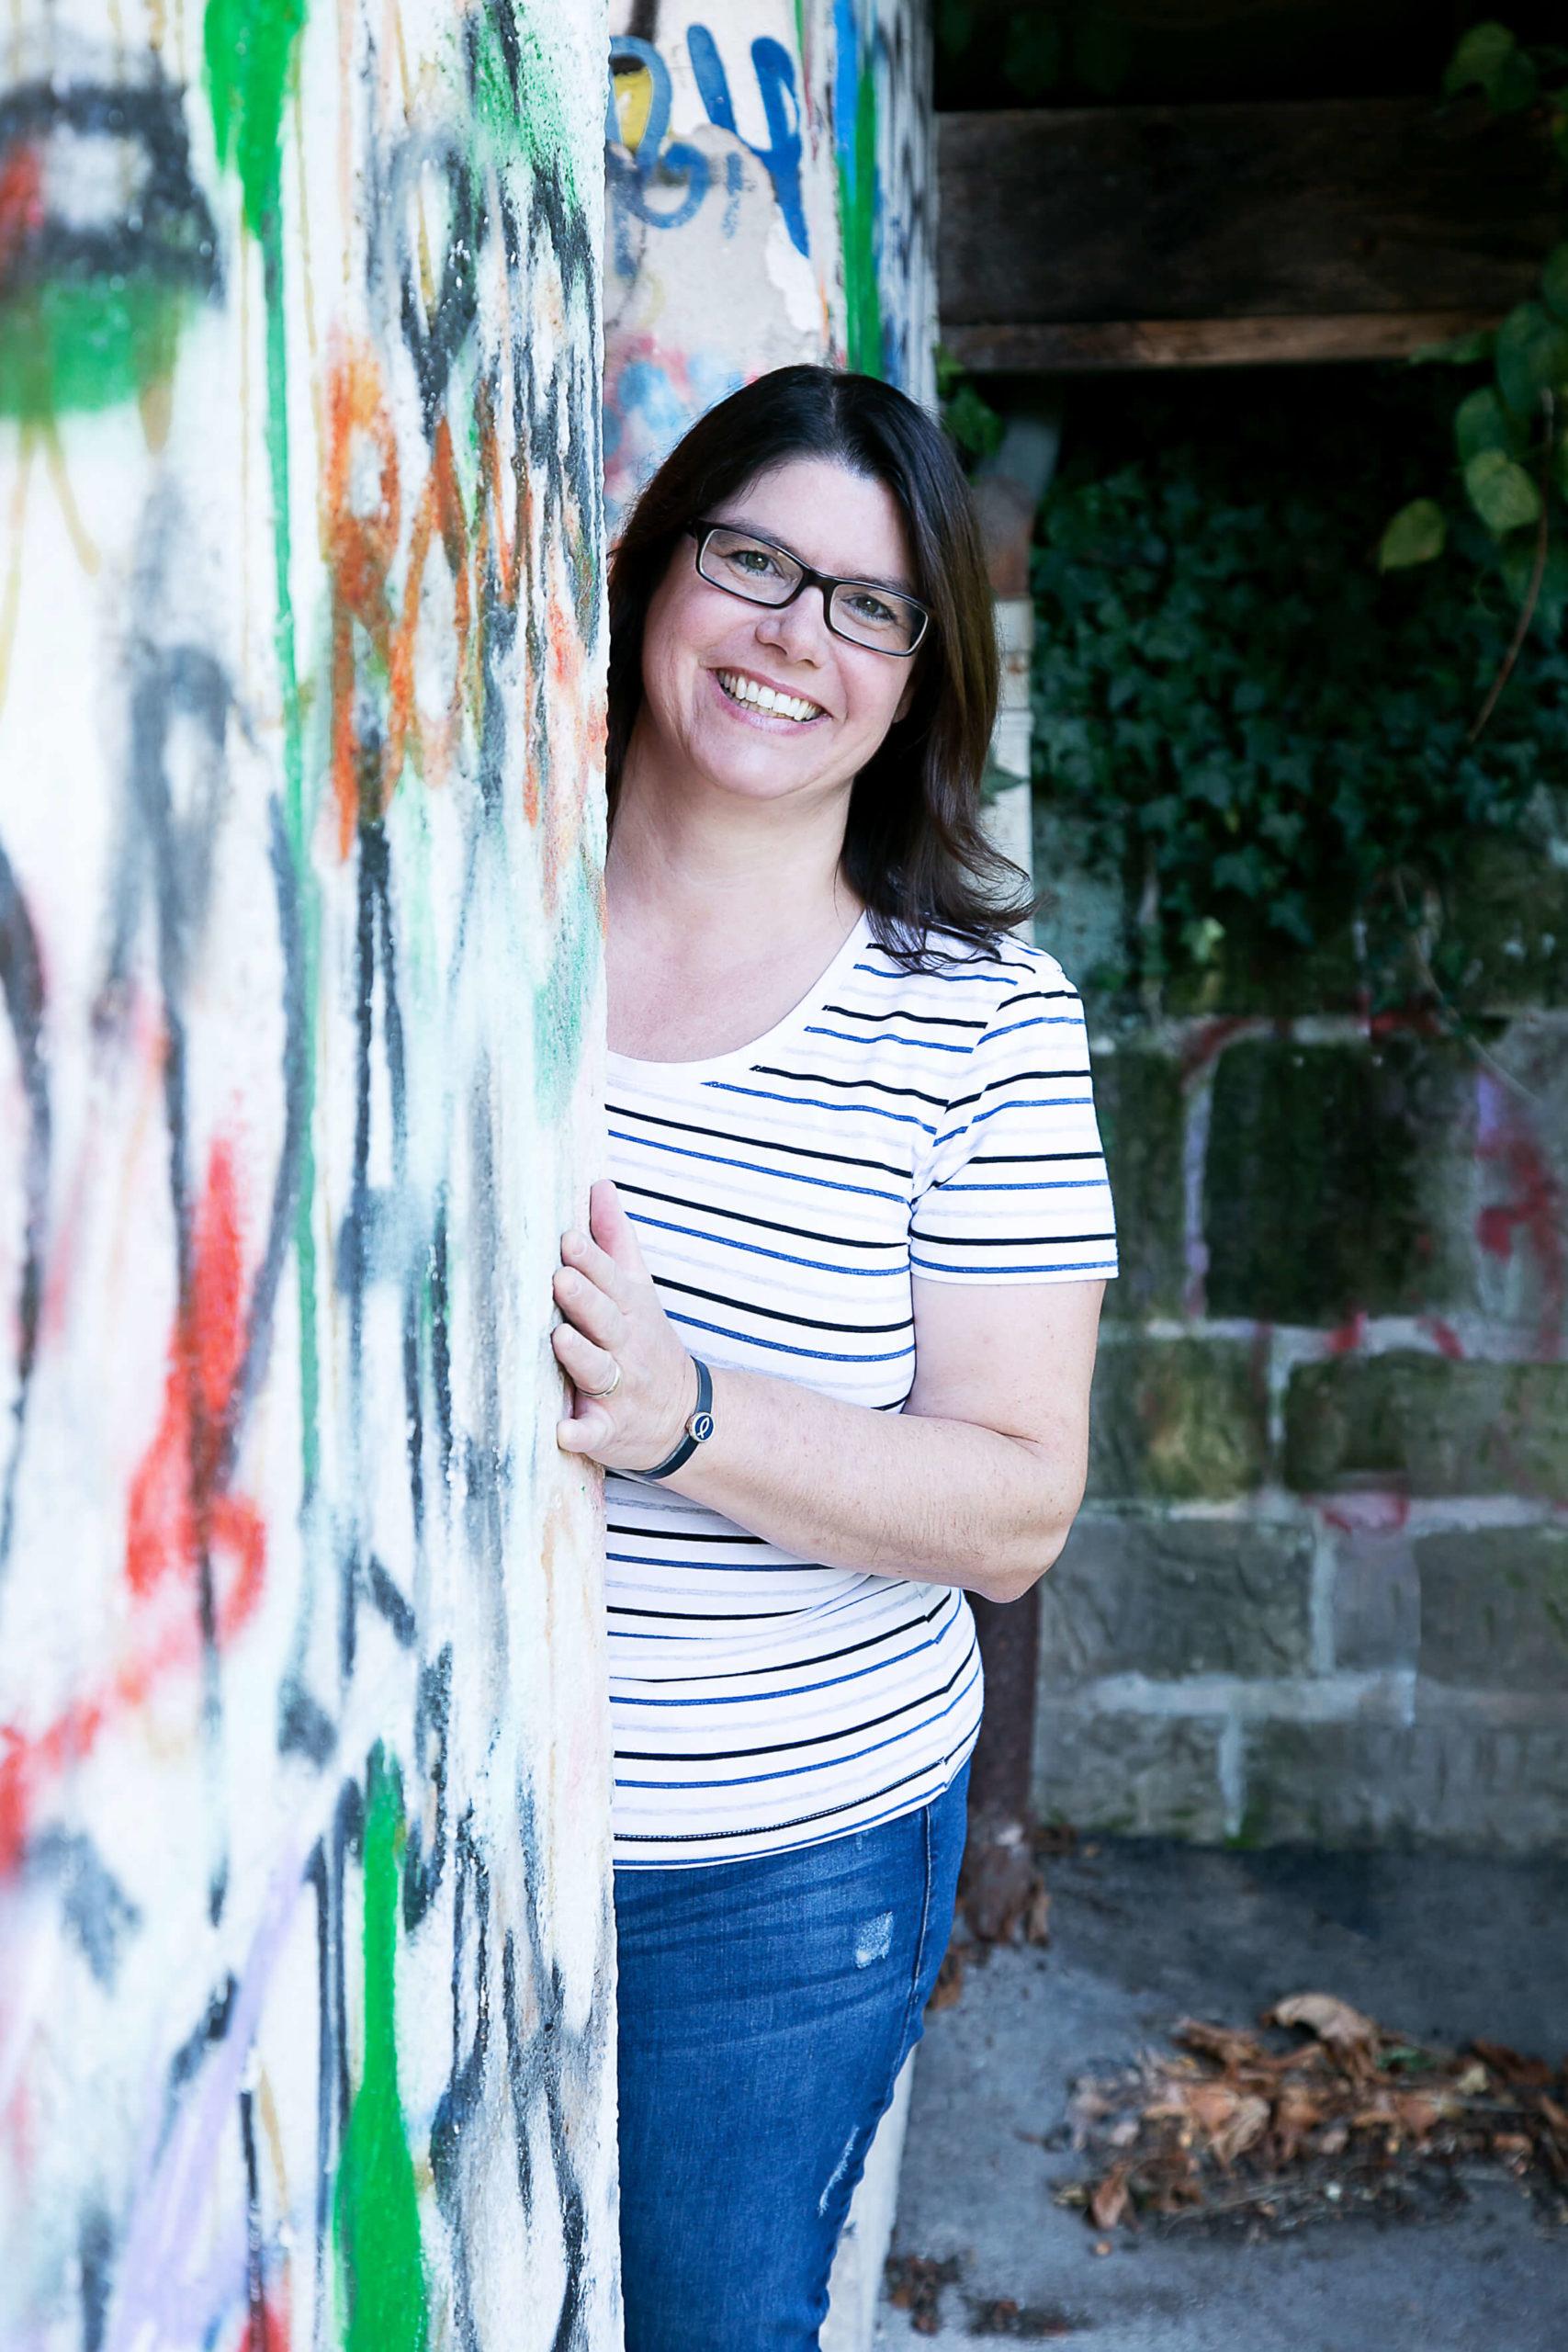 Natürliche Portraitfotografie, Graffiti-Wand